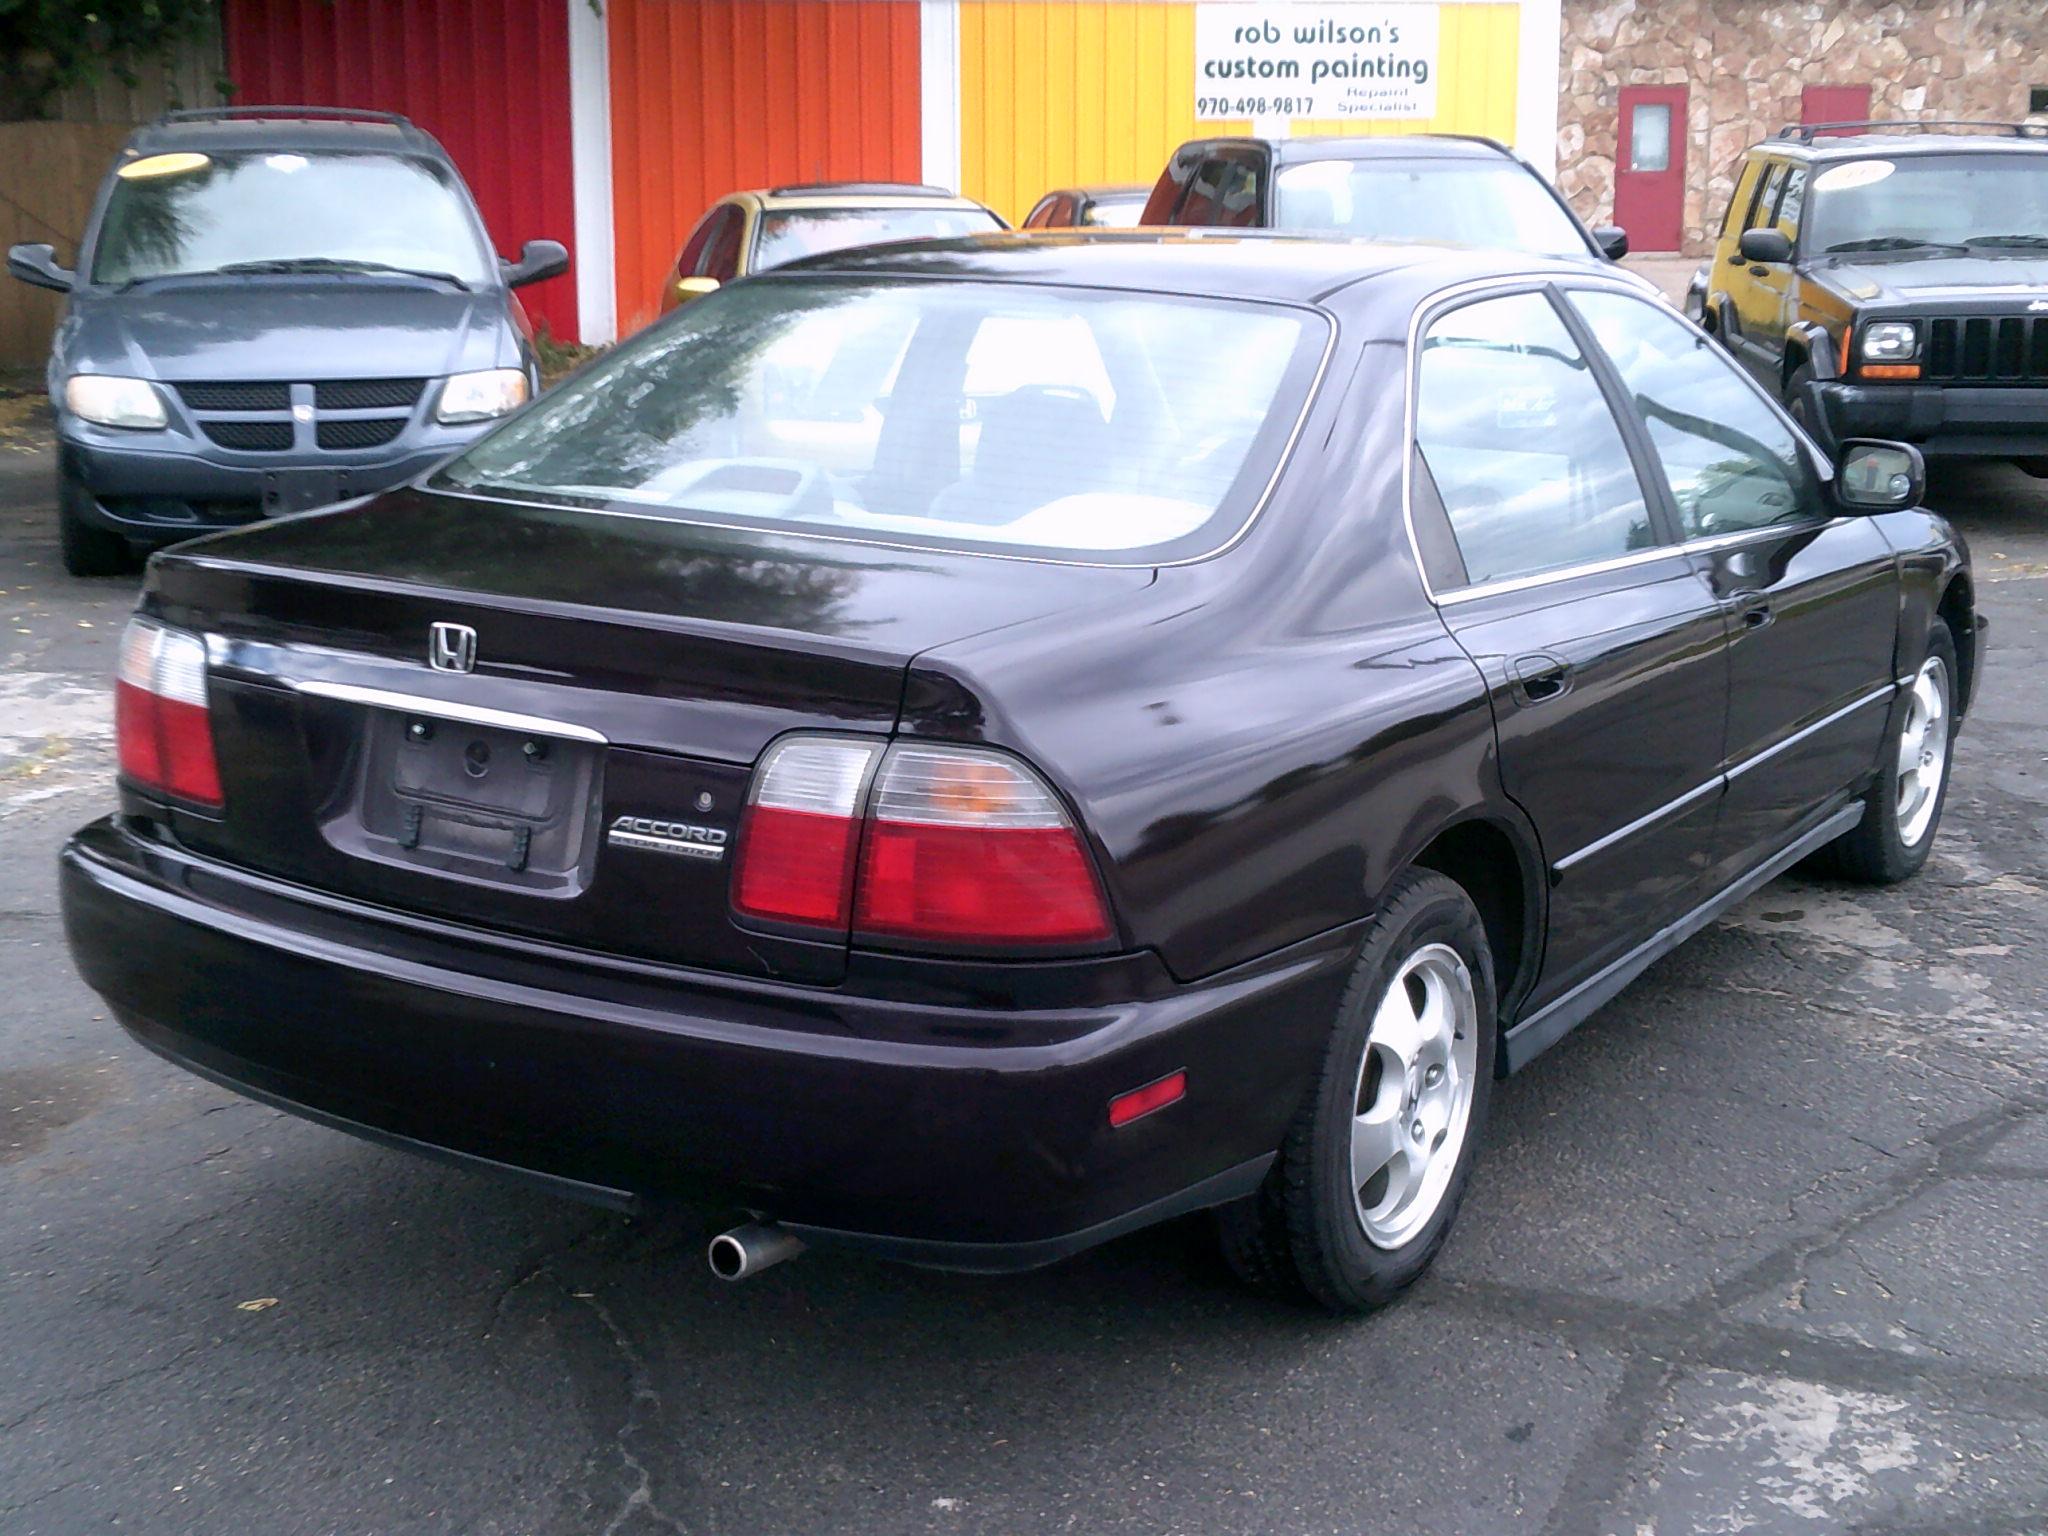 97 Accord Rear View Mr Auto